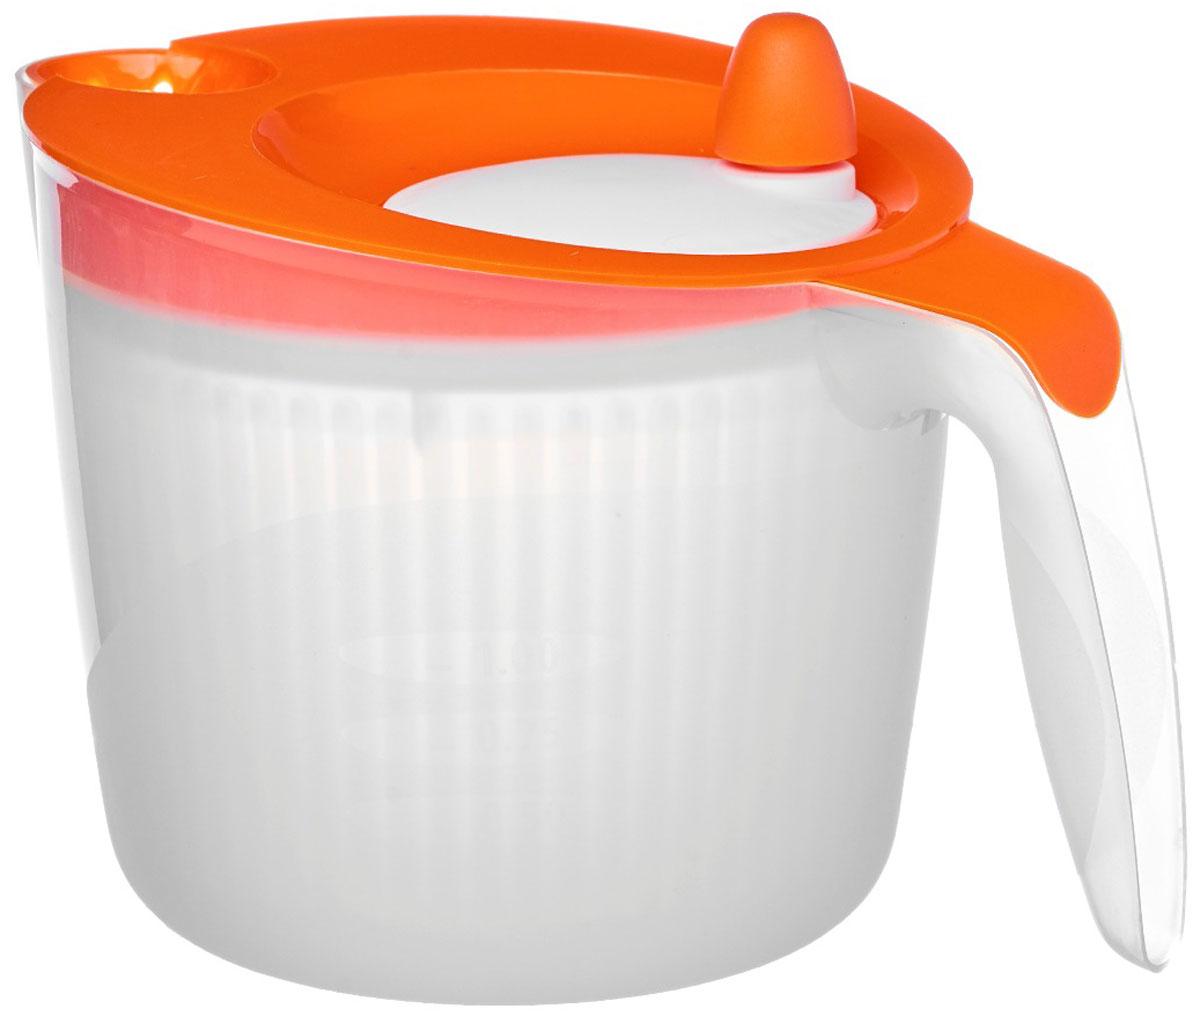 Сушилка для салата Walmer Rainbow, цвет: оранжевый, 1,8 л346845Сушилка для салата Walmer Rainbow - незаменимая вещь на кухне. Обсушивать в ней можно, конечно же, не только салат, но любую зелень: петрушку, укроп, перья лука, рукколу. Объем сушилки - 1,8 литра, а значит, вы сможете высушить за раз большой пучок зелени. Внутри сушилки находится вращающаяся сетчатая емкость. На крышке - ручка, которая эту емкость раскручивает. Положите зелень в сушилку, закройте крышку и прокрутите несколько раз ручку. Центрифуга внутри раскрутится и буквально стряхнет всю влагу с зелени.Сушилка для салата Walmer Rainbow непременно понравится каждой хозяйке.